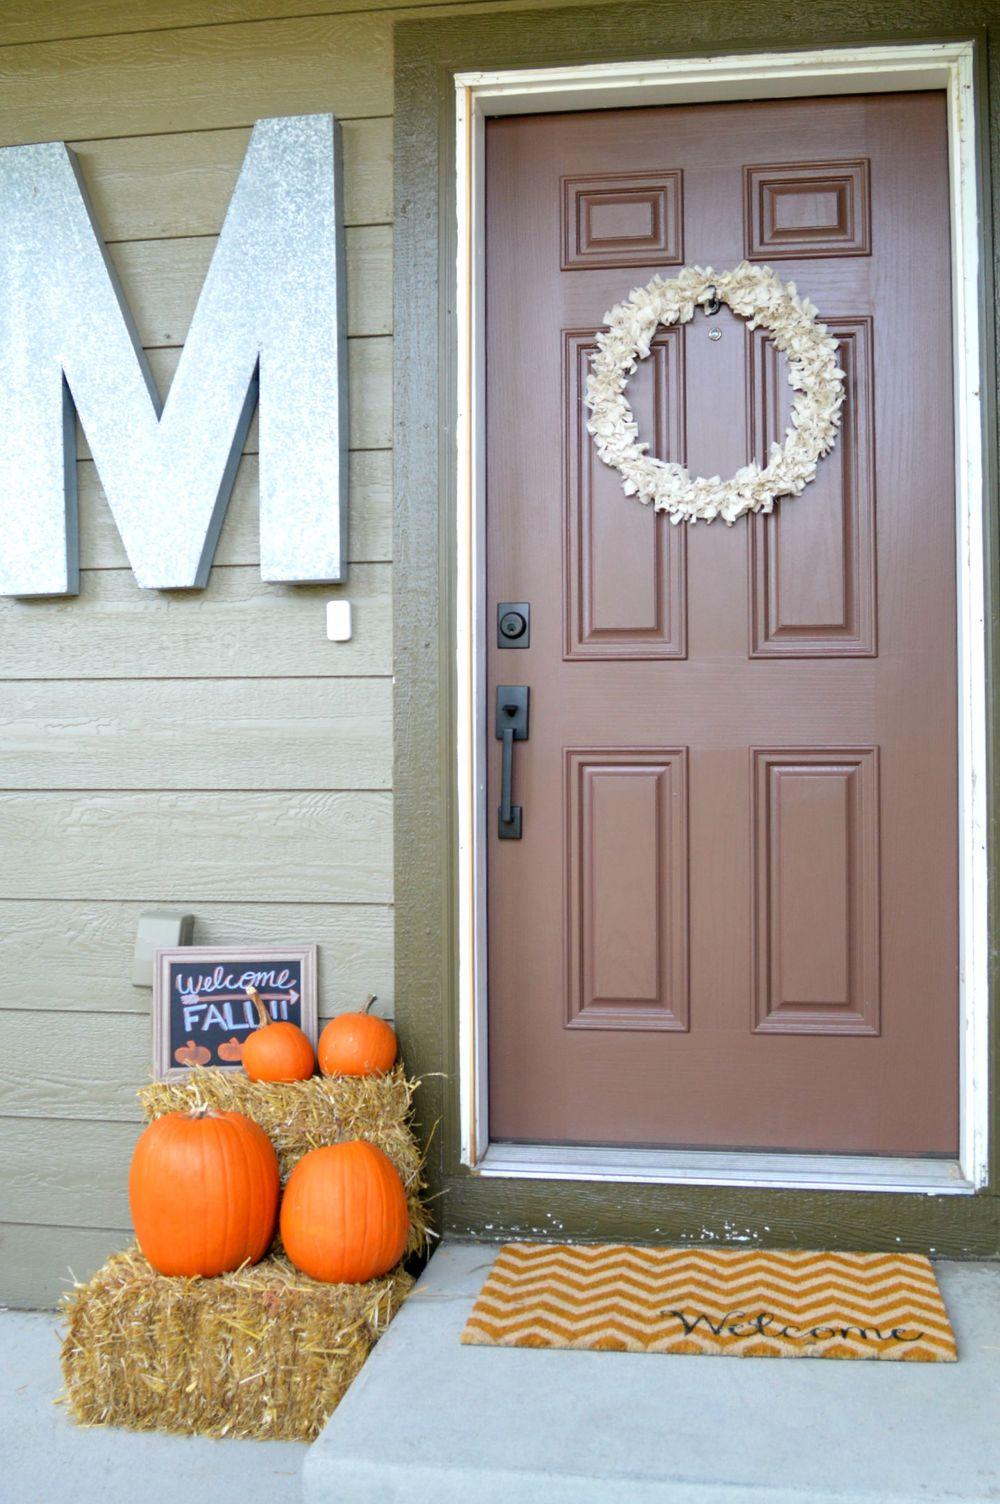 Fall Autumn Decor Porch.jpg